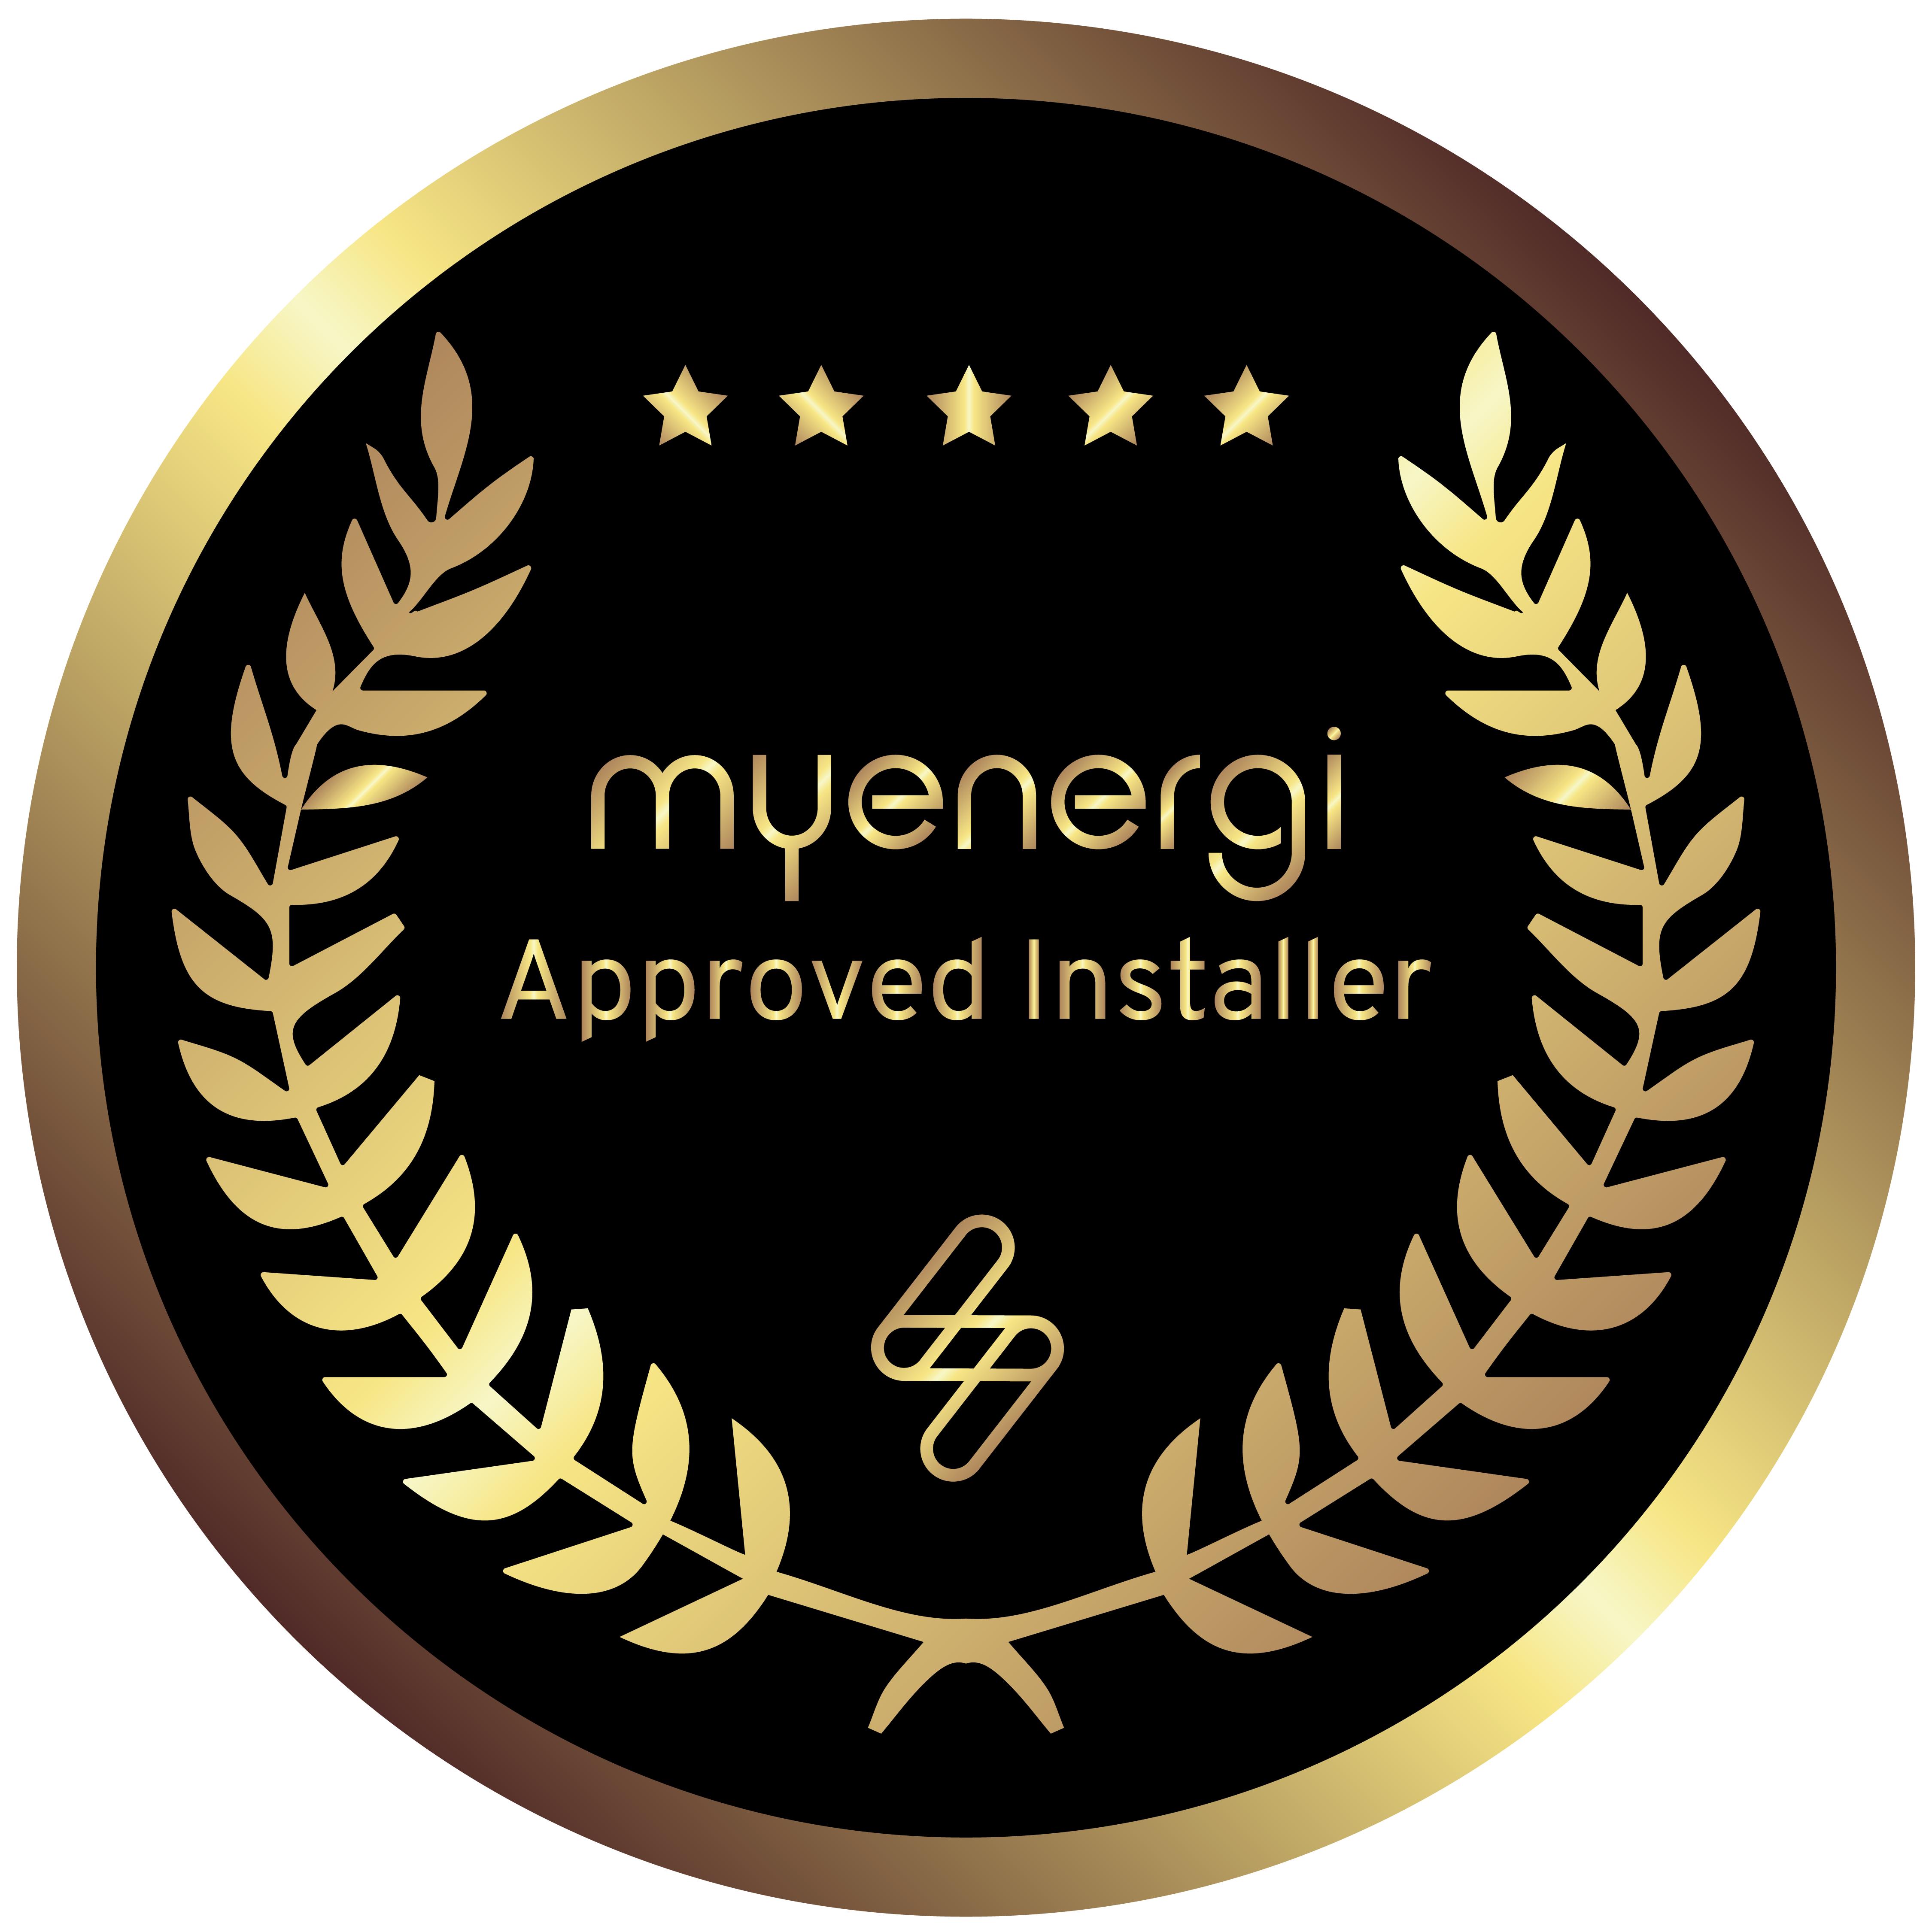 approved installer badge